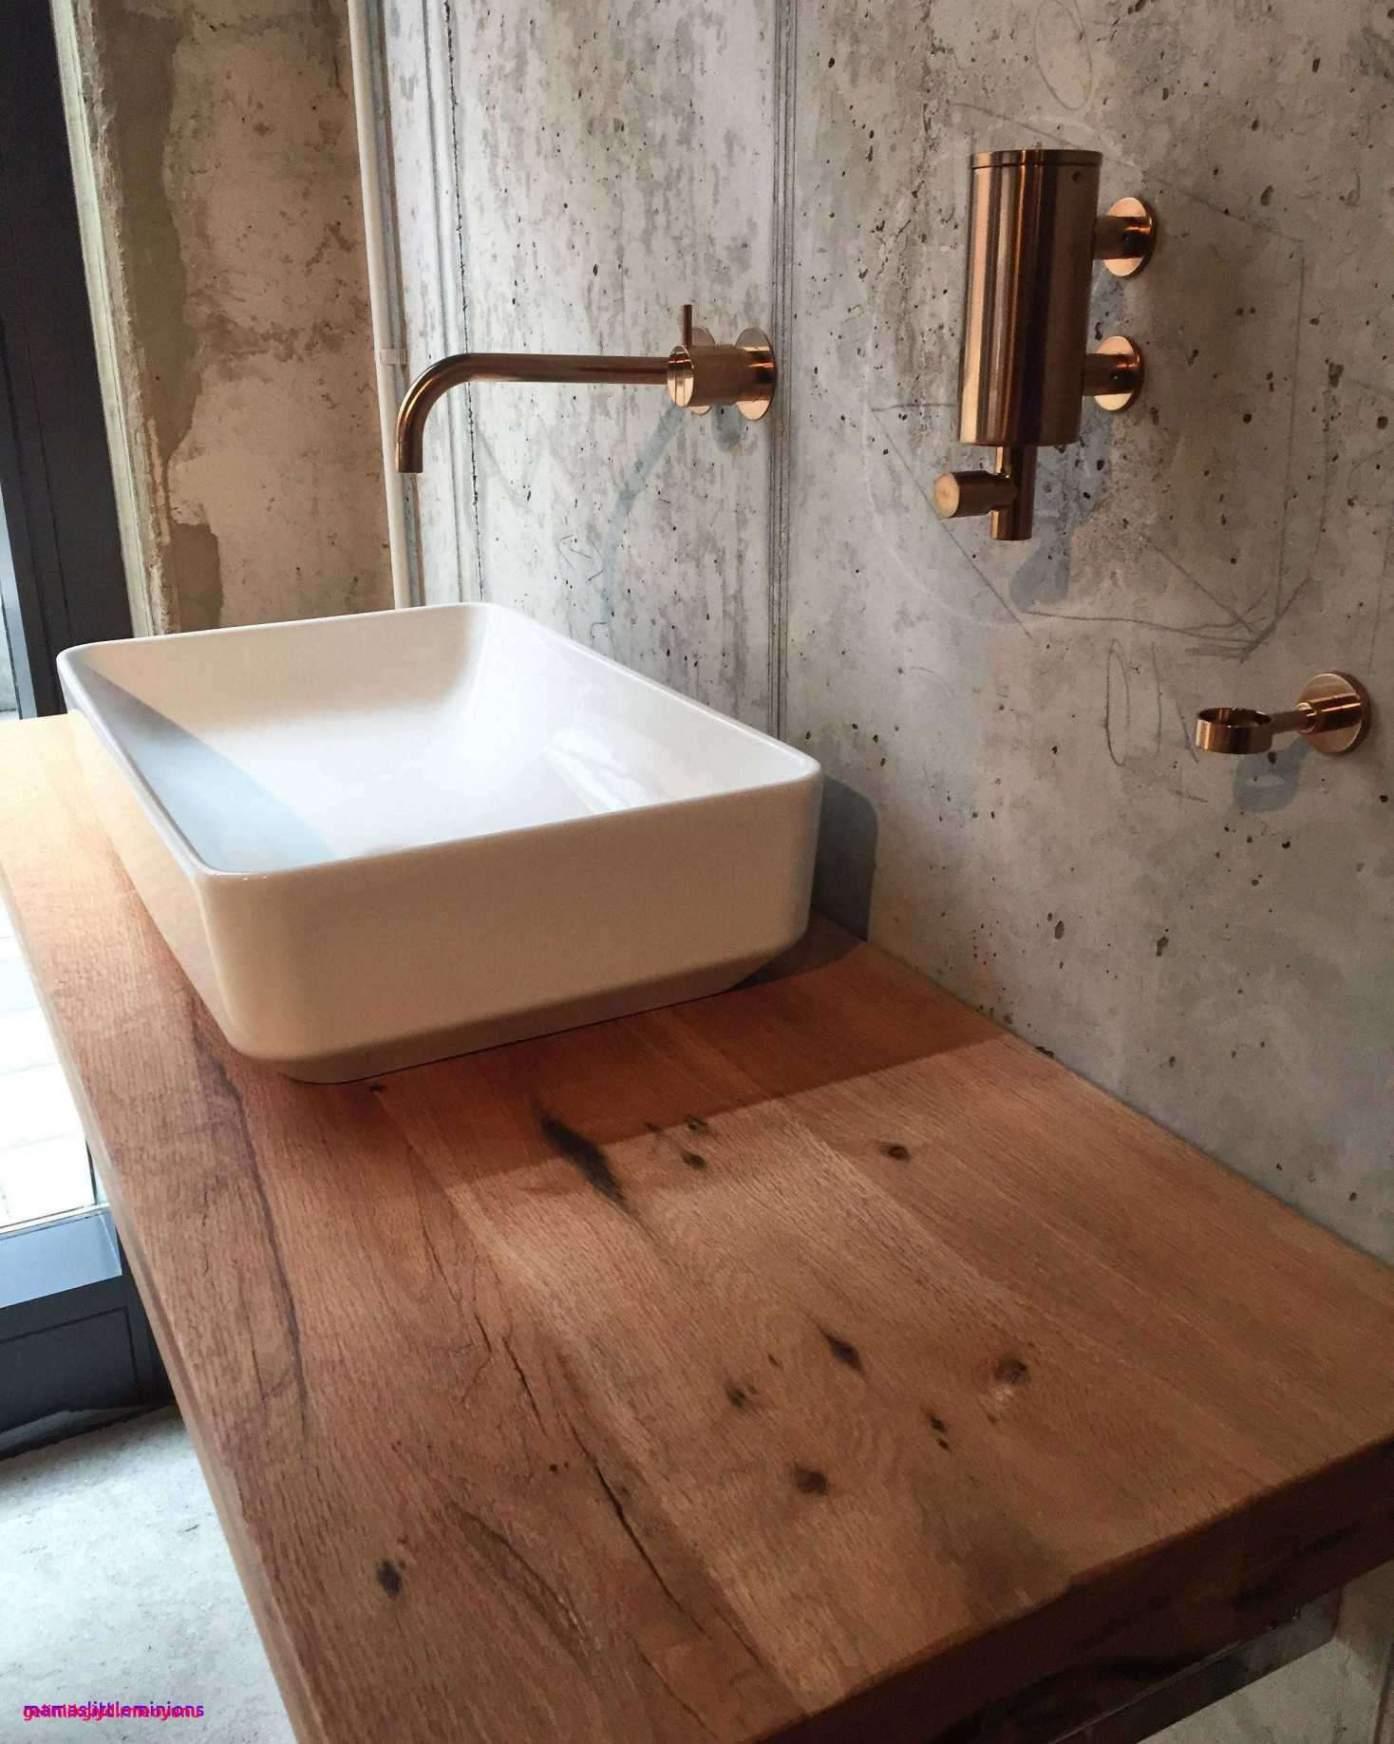 35 das beste von waschbecken garten toilette mit waschbecken toilette mit waschbecken 1